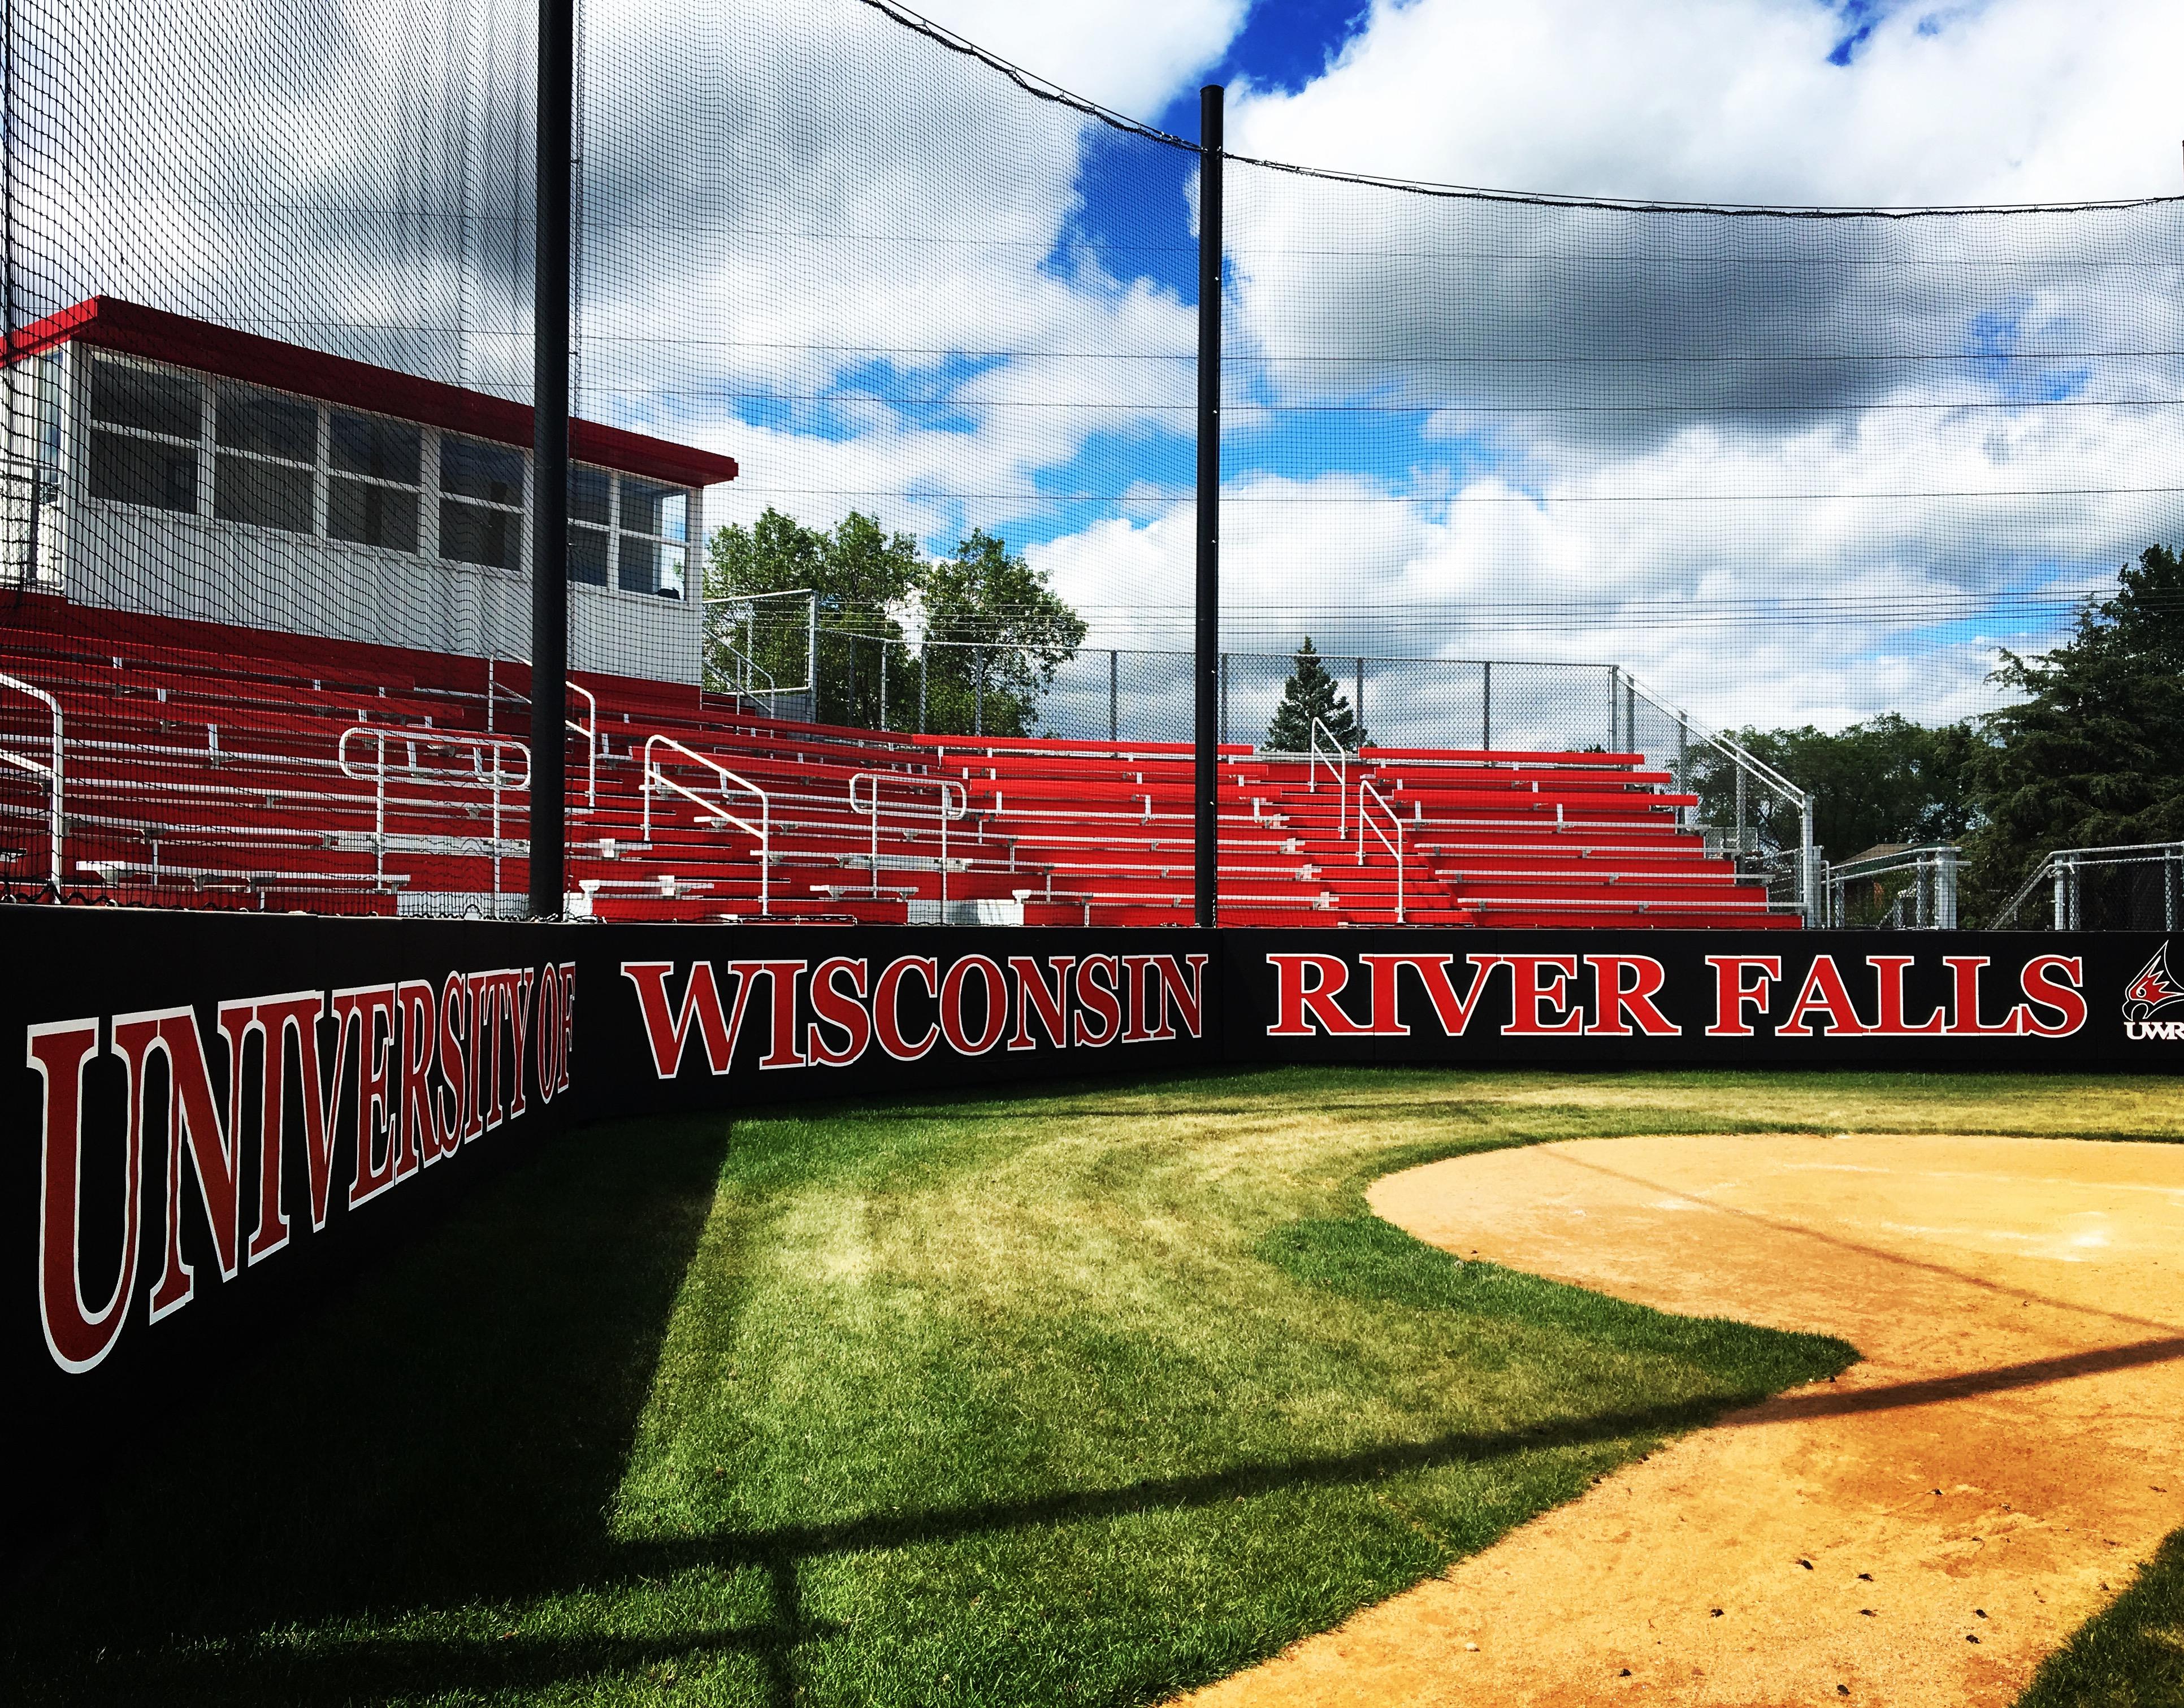 Uw River Falls Softball Camps Facilities